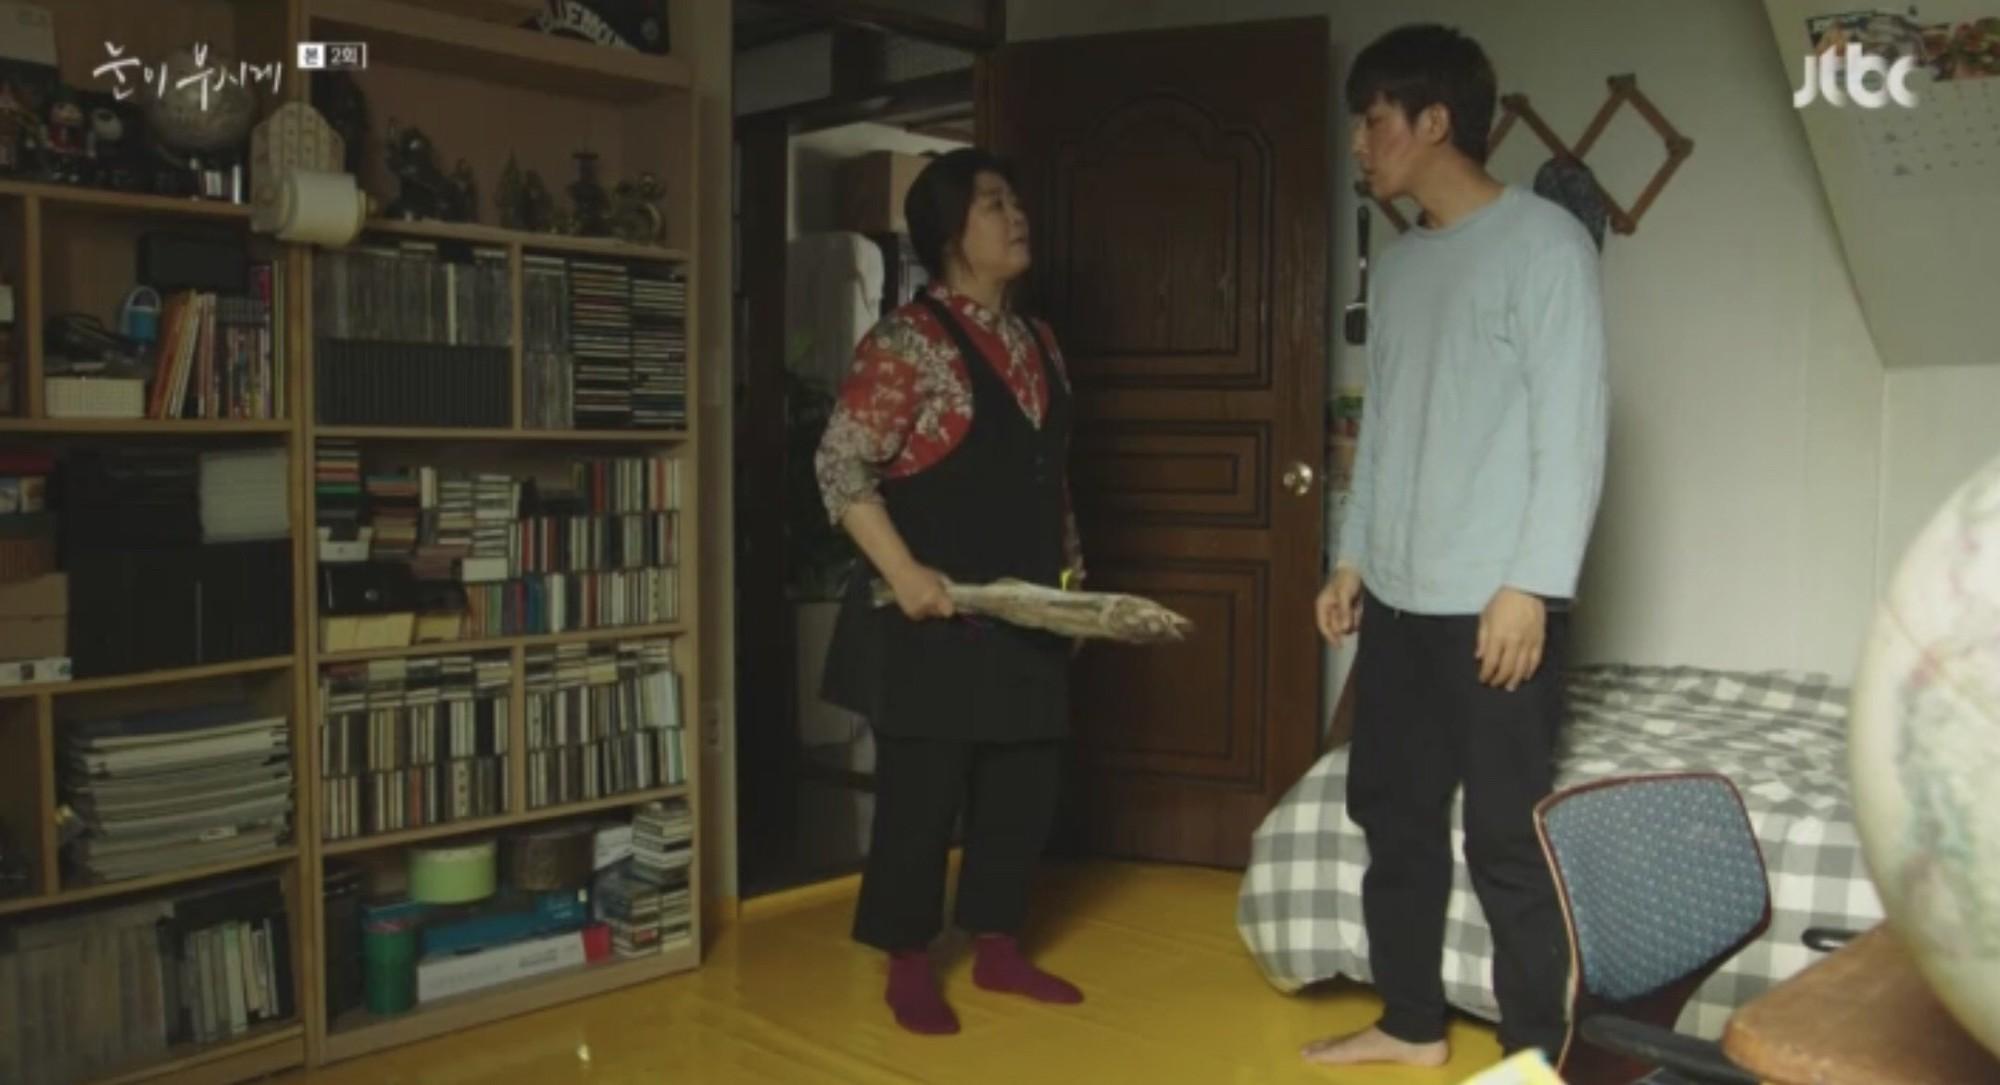 Lầy mà dễ thương như Han Ji Min trong Dazzling thì có đáng yêu không? - Ảnh 8.